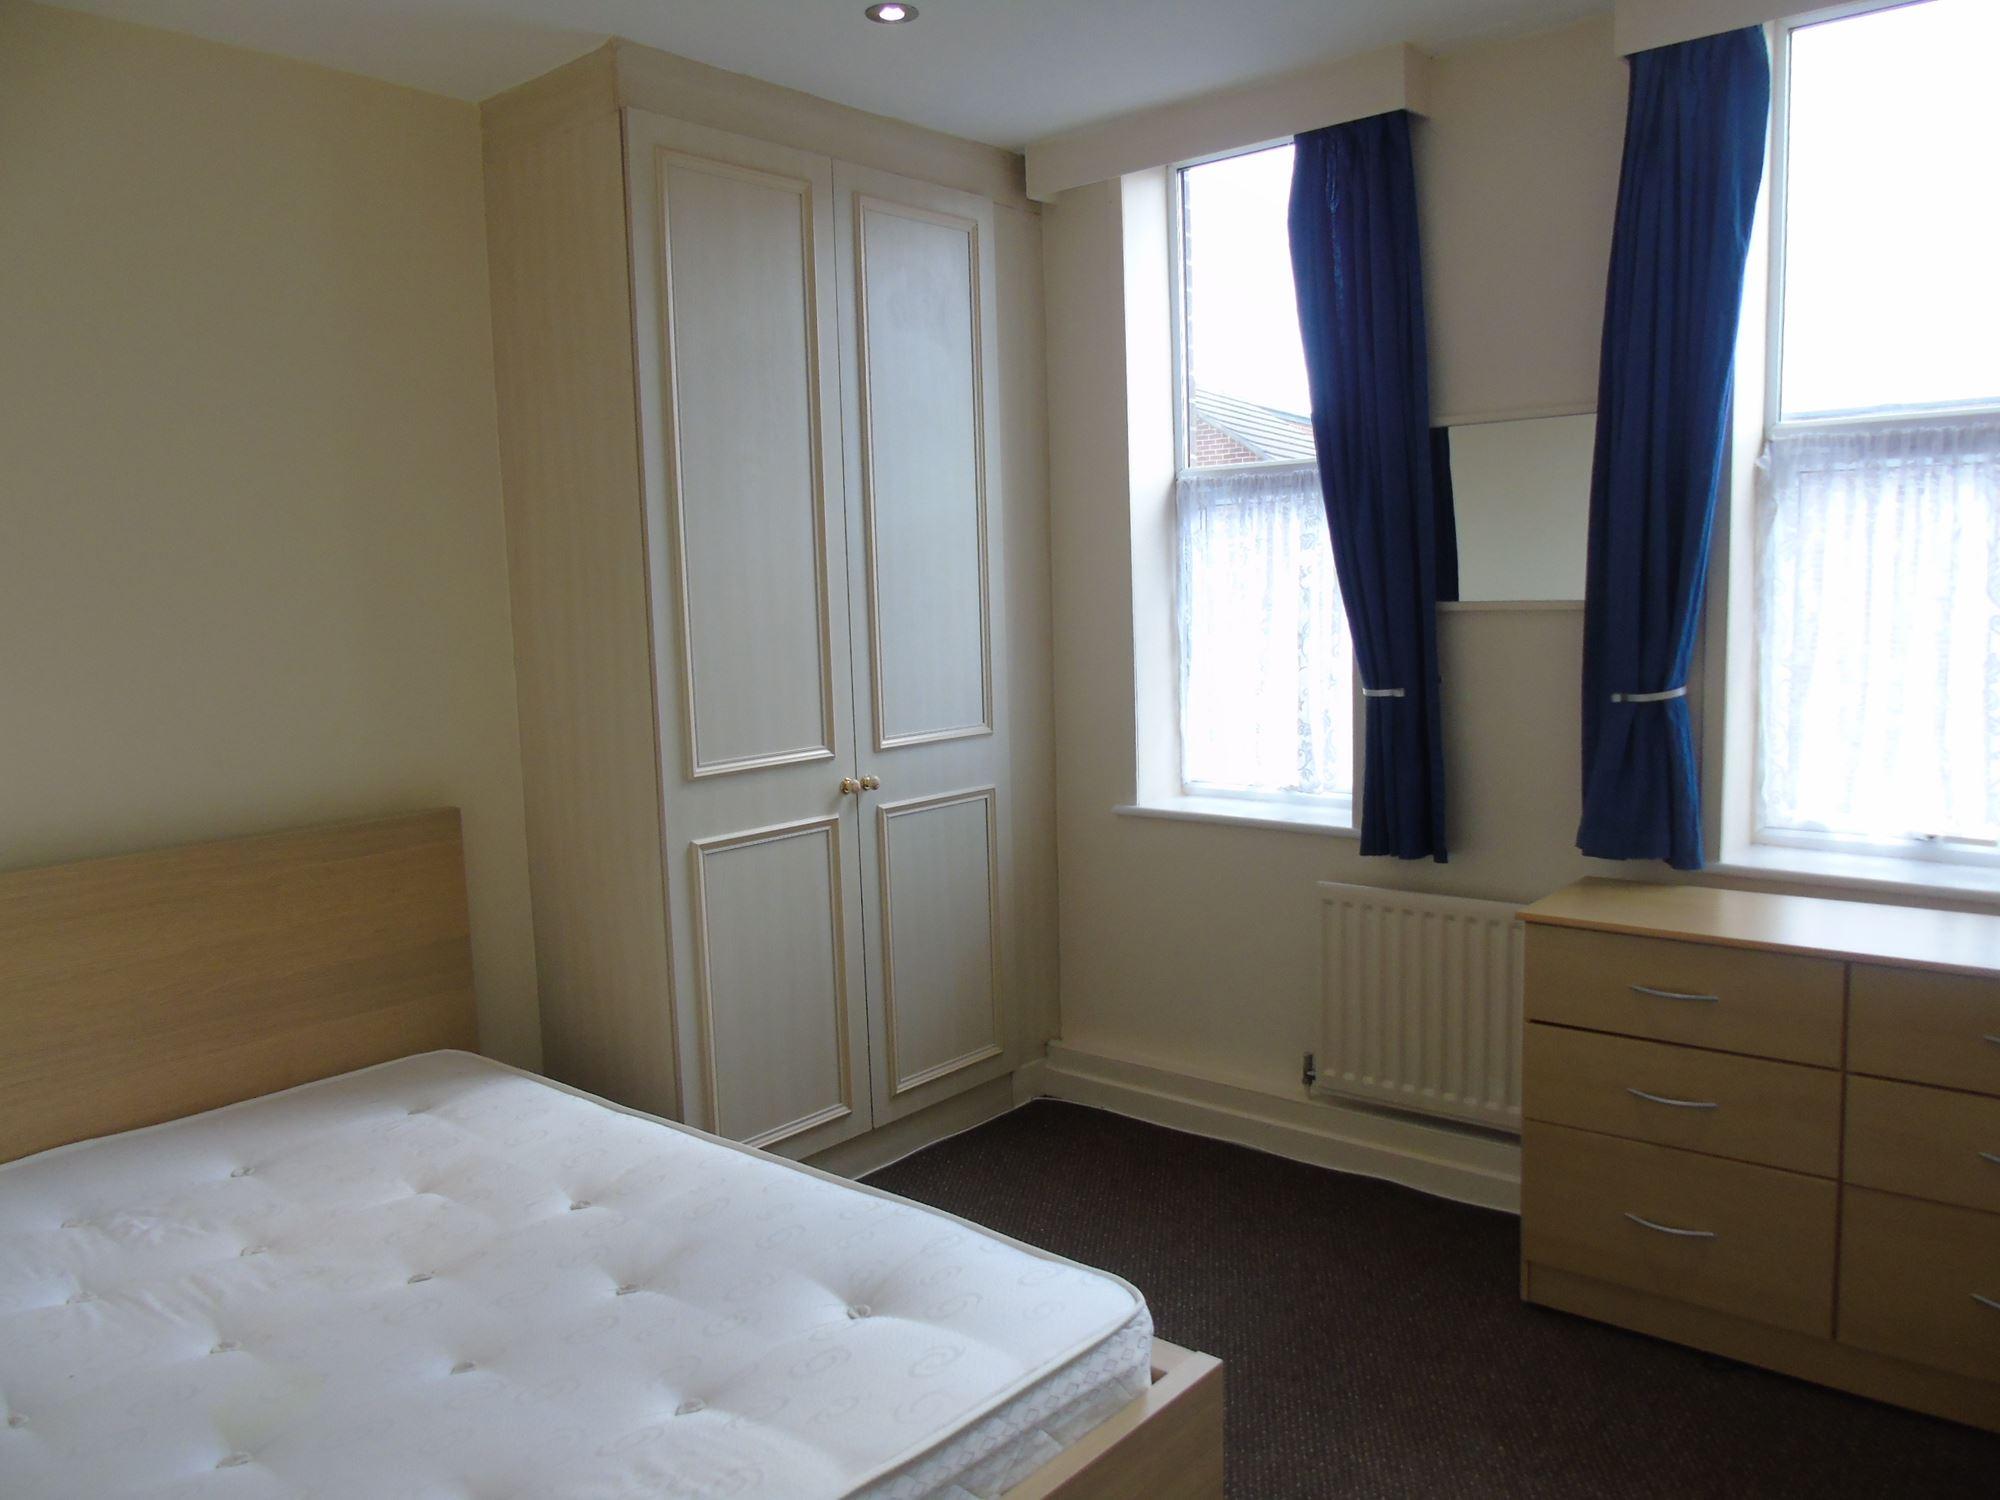 2 Bedroom Flat To Rent Cleveland Road Sunderland Sr Sr4 7pt